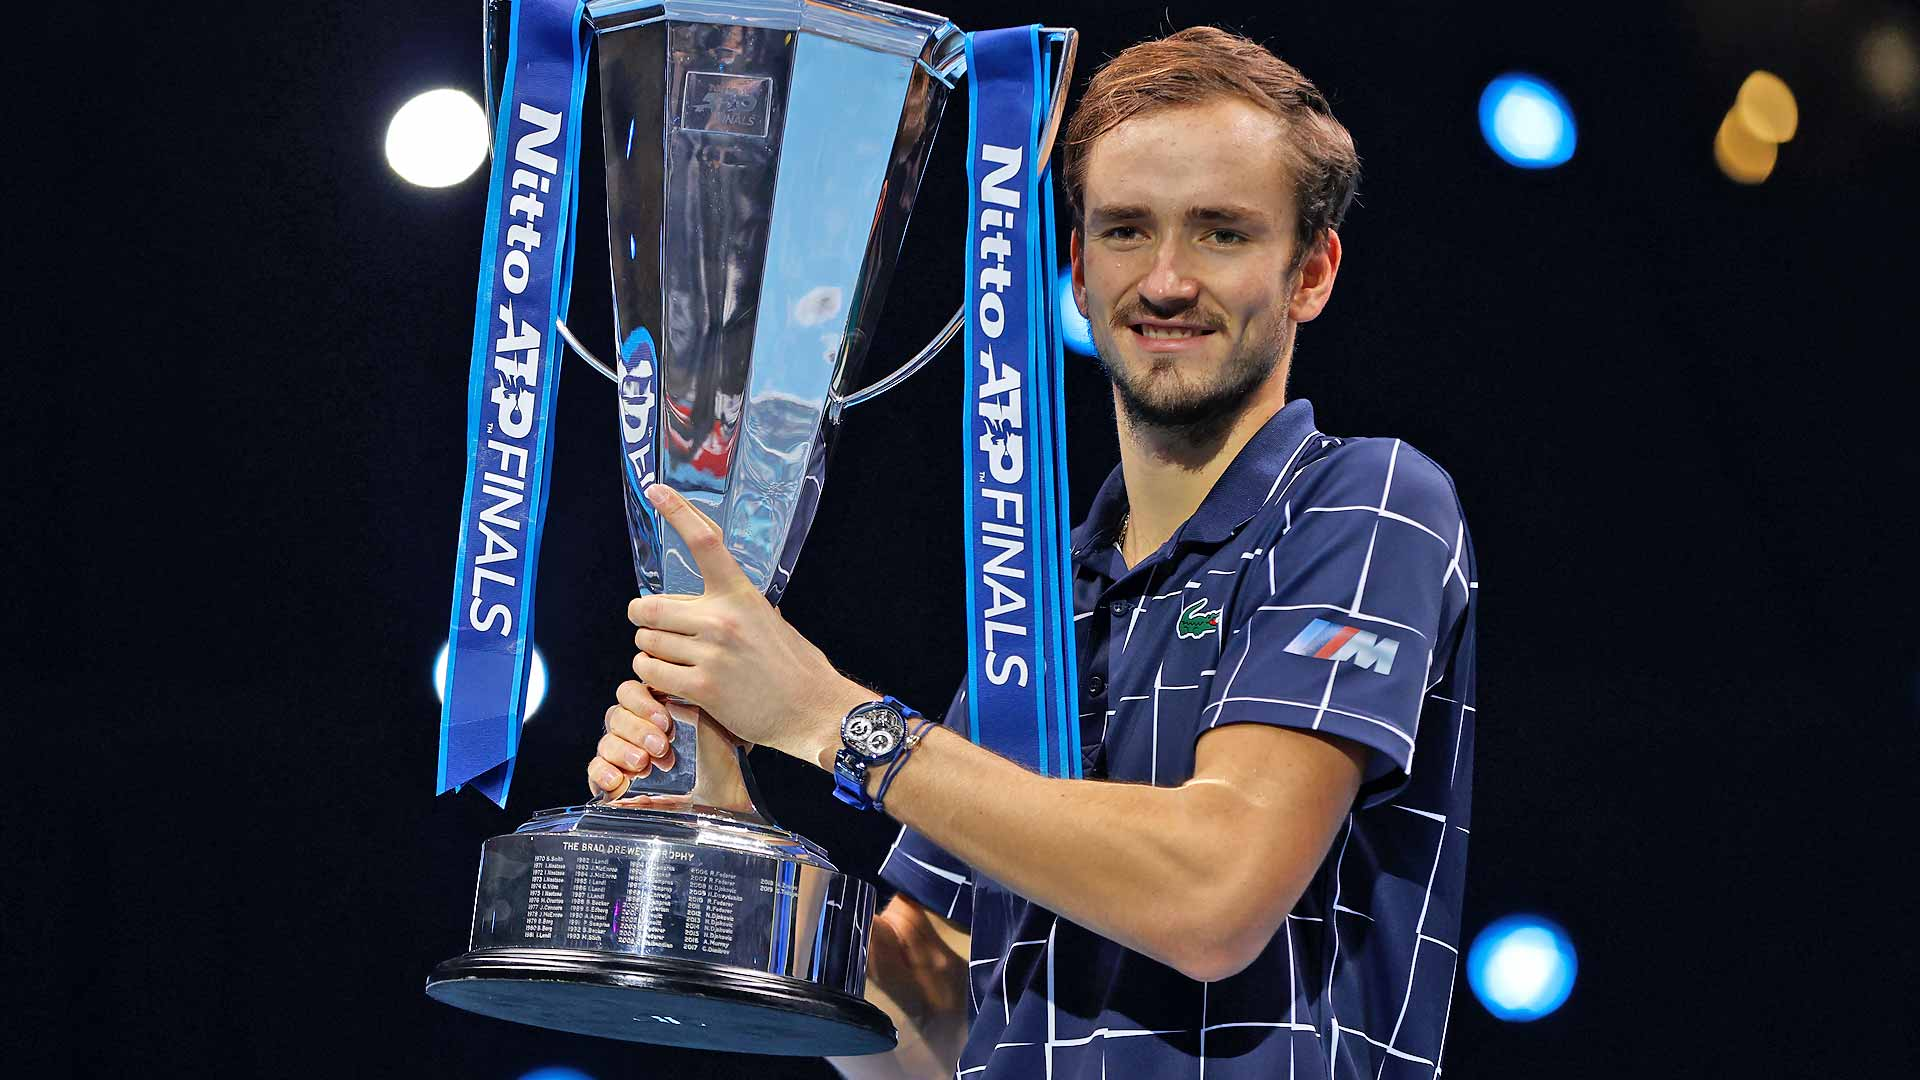 medvedev-nitto-atp-finals-2020-trophy